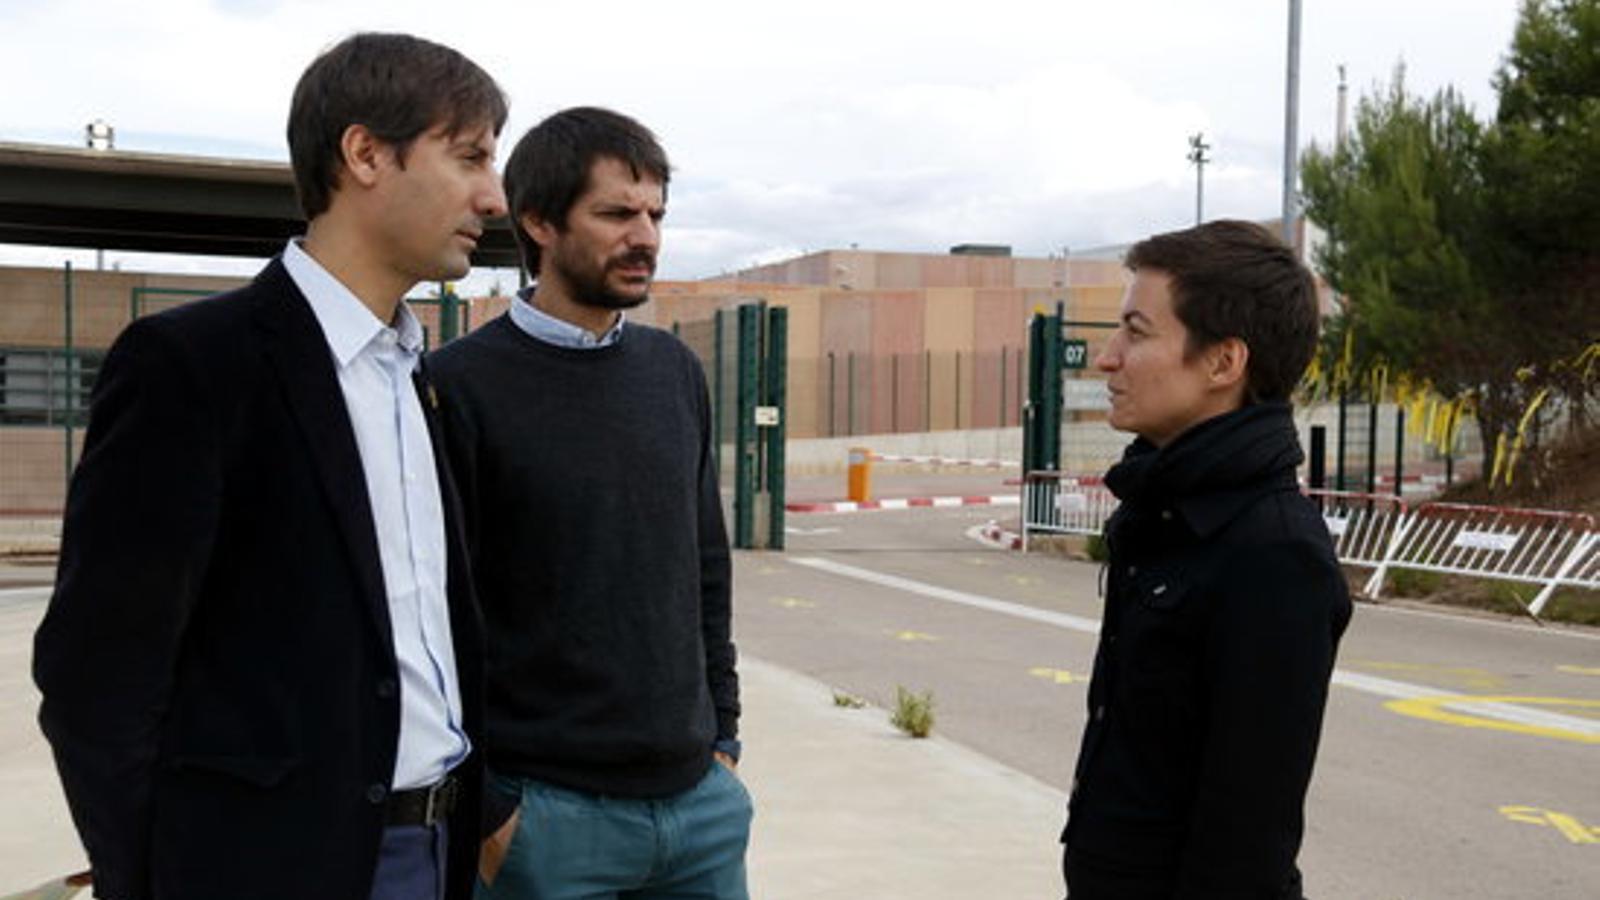 Ska Keller, acompanyada d'Ernest Urtasun (ICV) i Jordi Solé (ERC), a la sortida de la presó de Lledoners / GEMMA ALEMAN / ACN